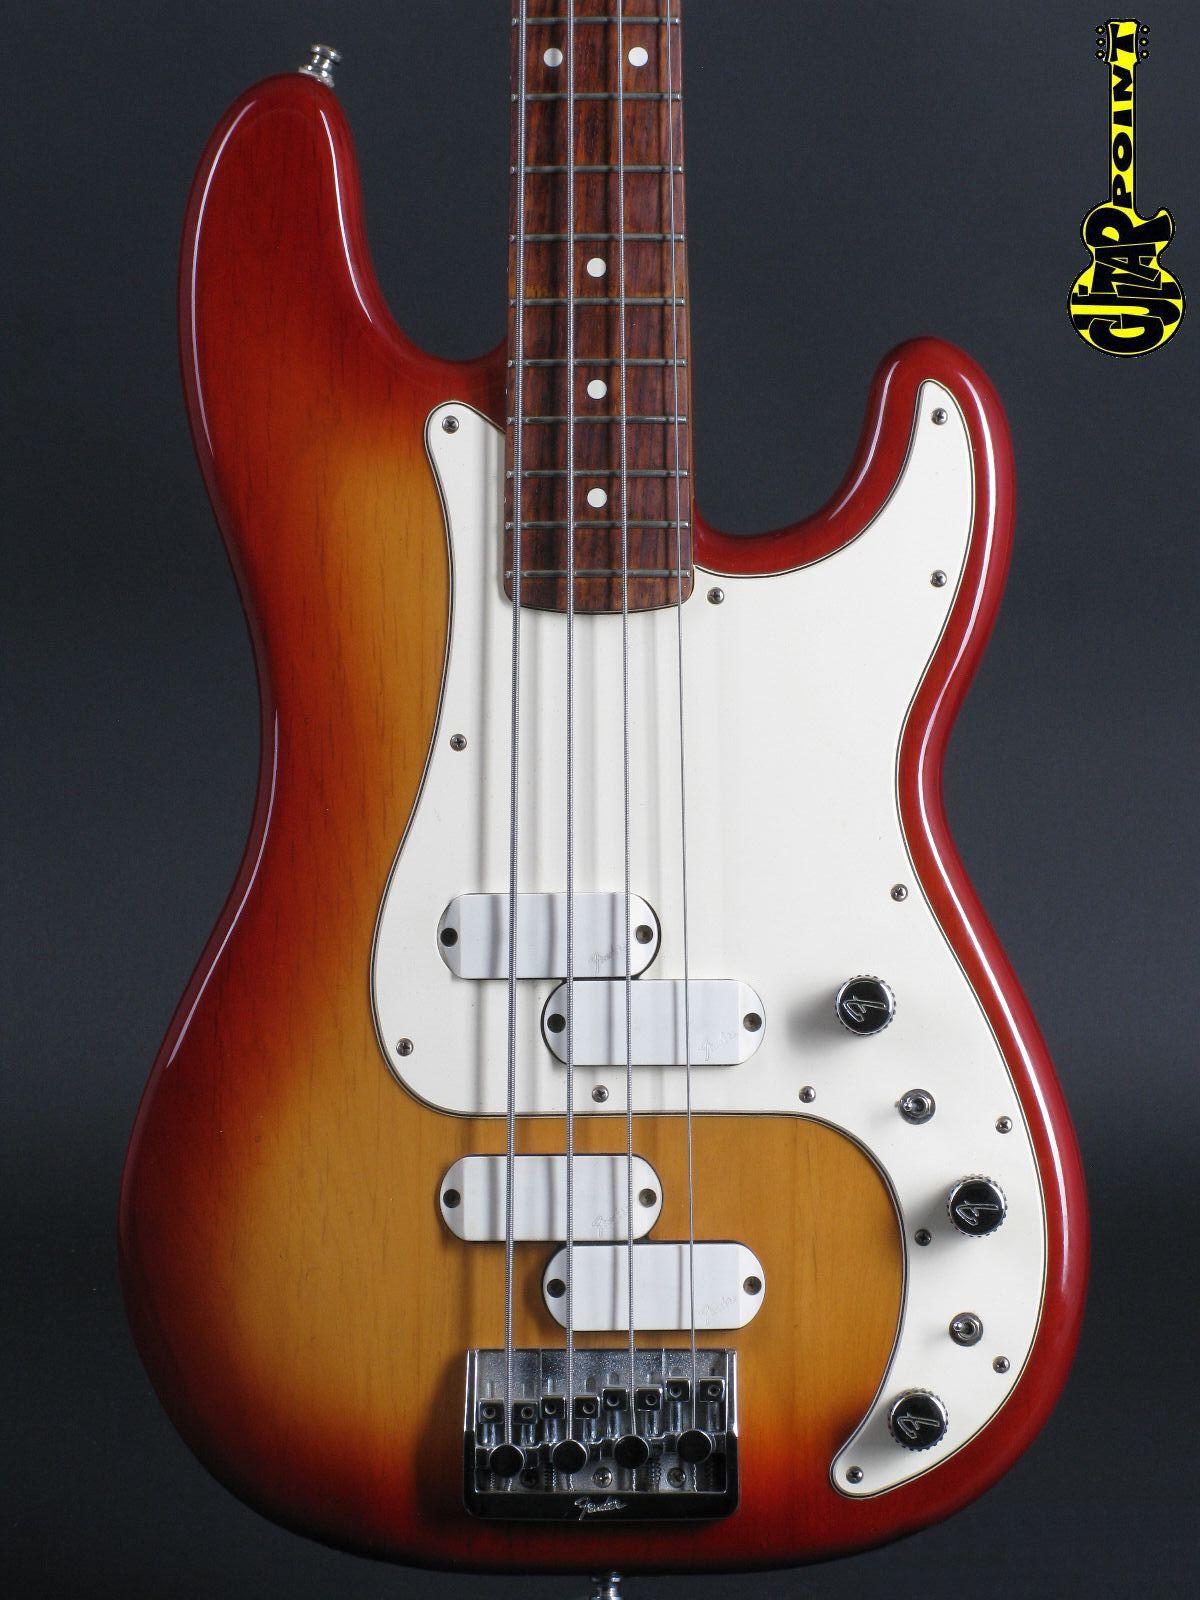 1983 Fender Precision Elite II Bass - Sienna Burst